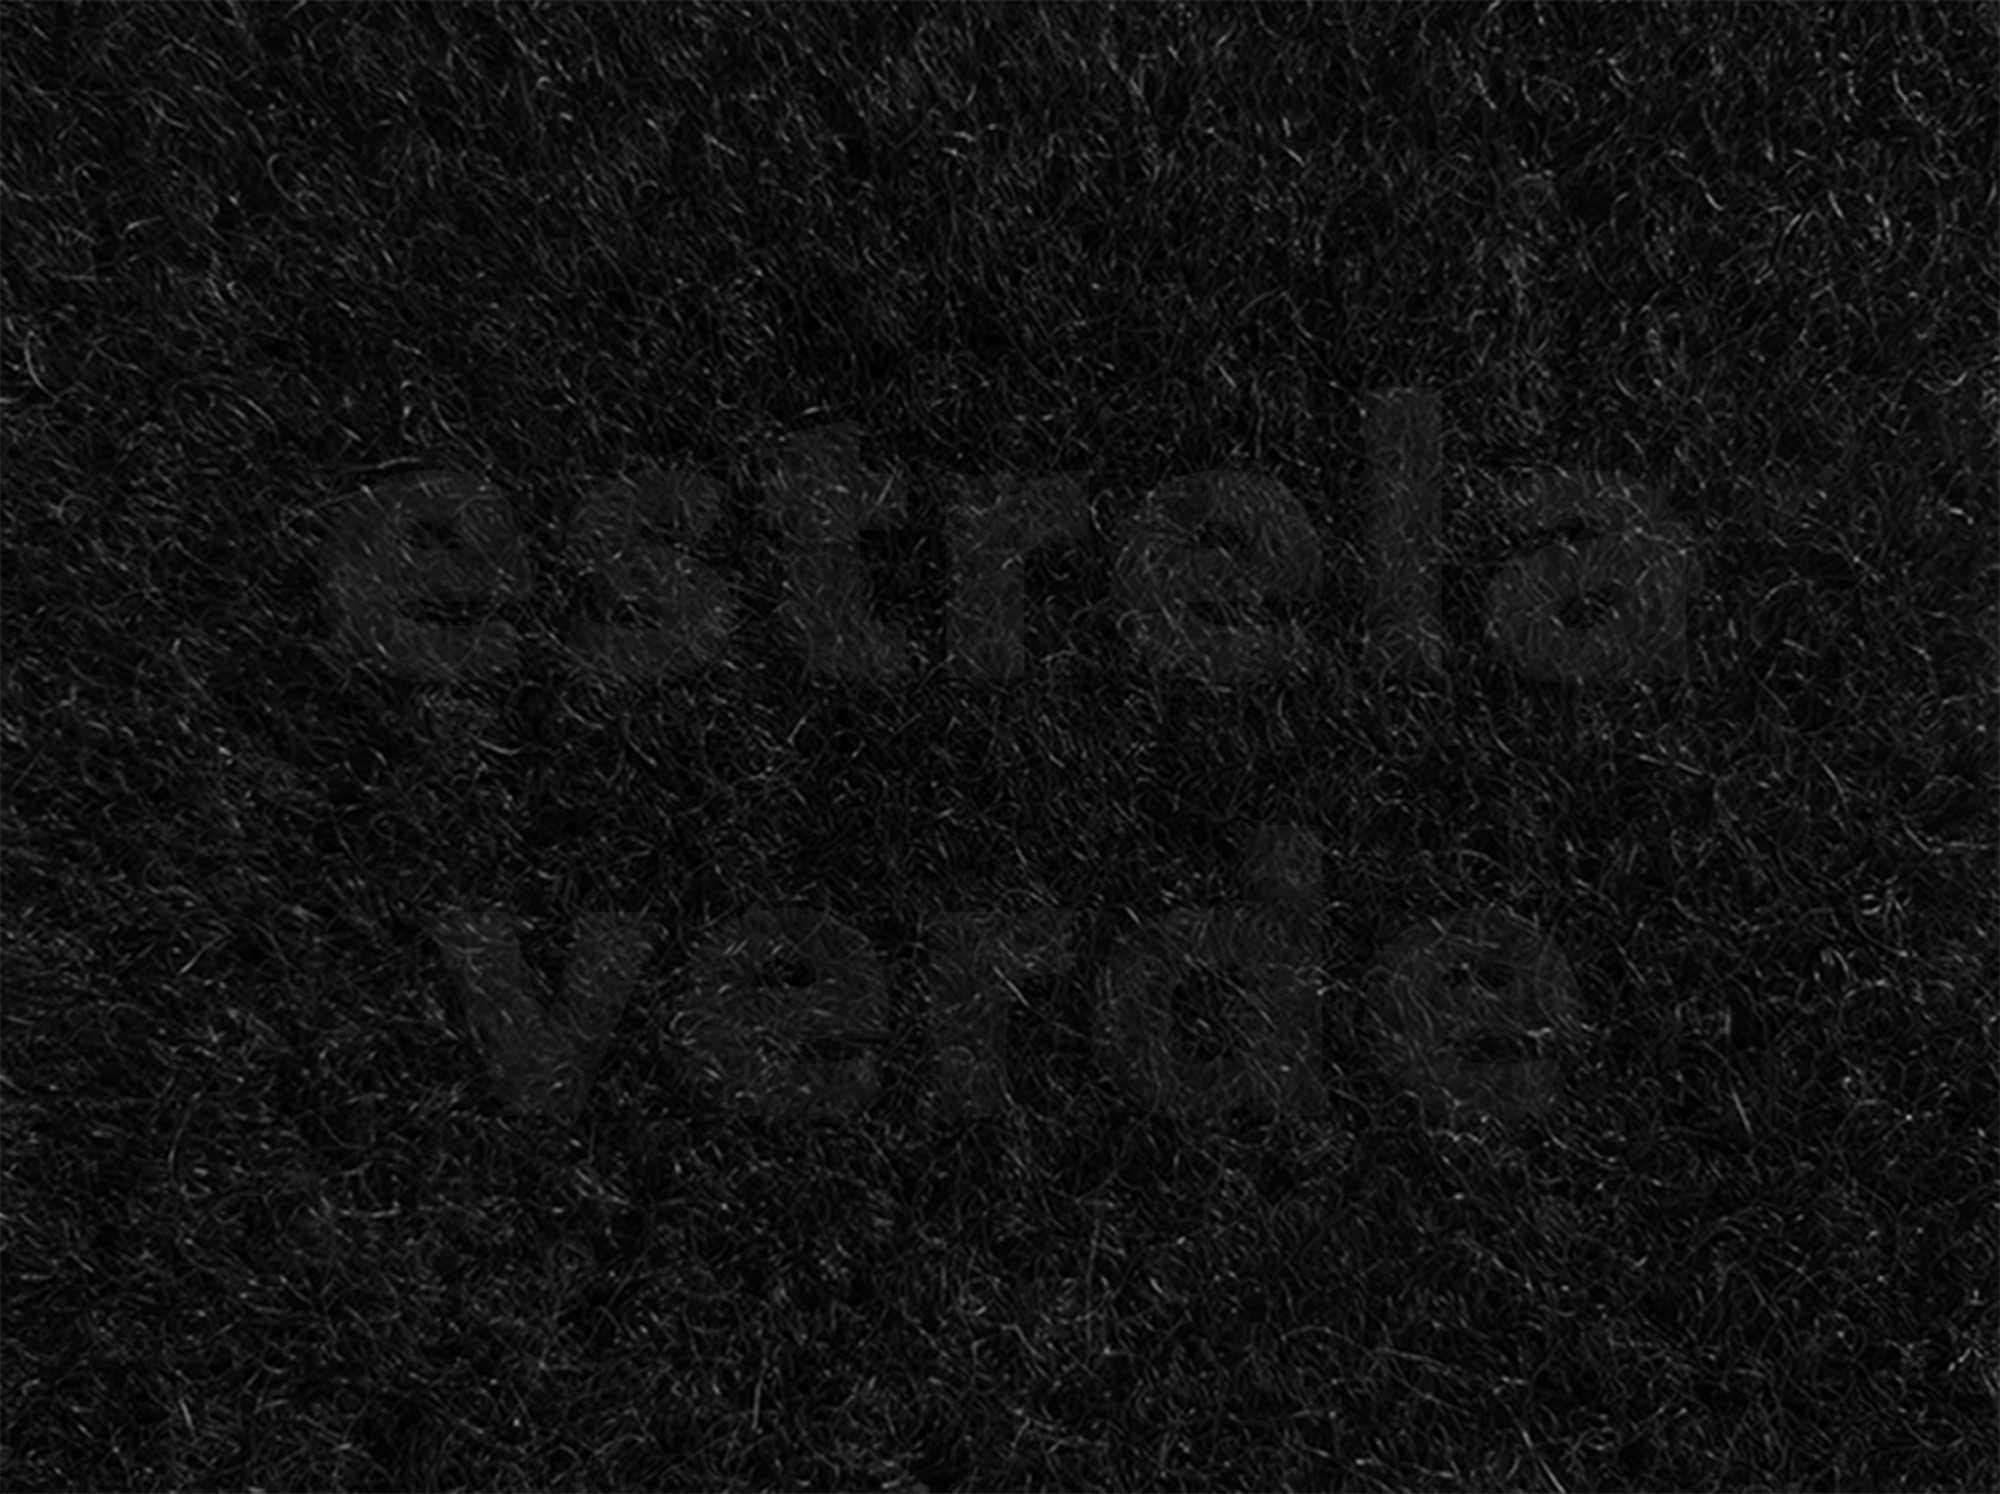 CARPETE PRETO C/ RESINA (900)  2,00 LARG (E)  - Estrela Verde